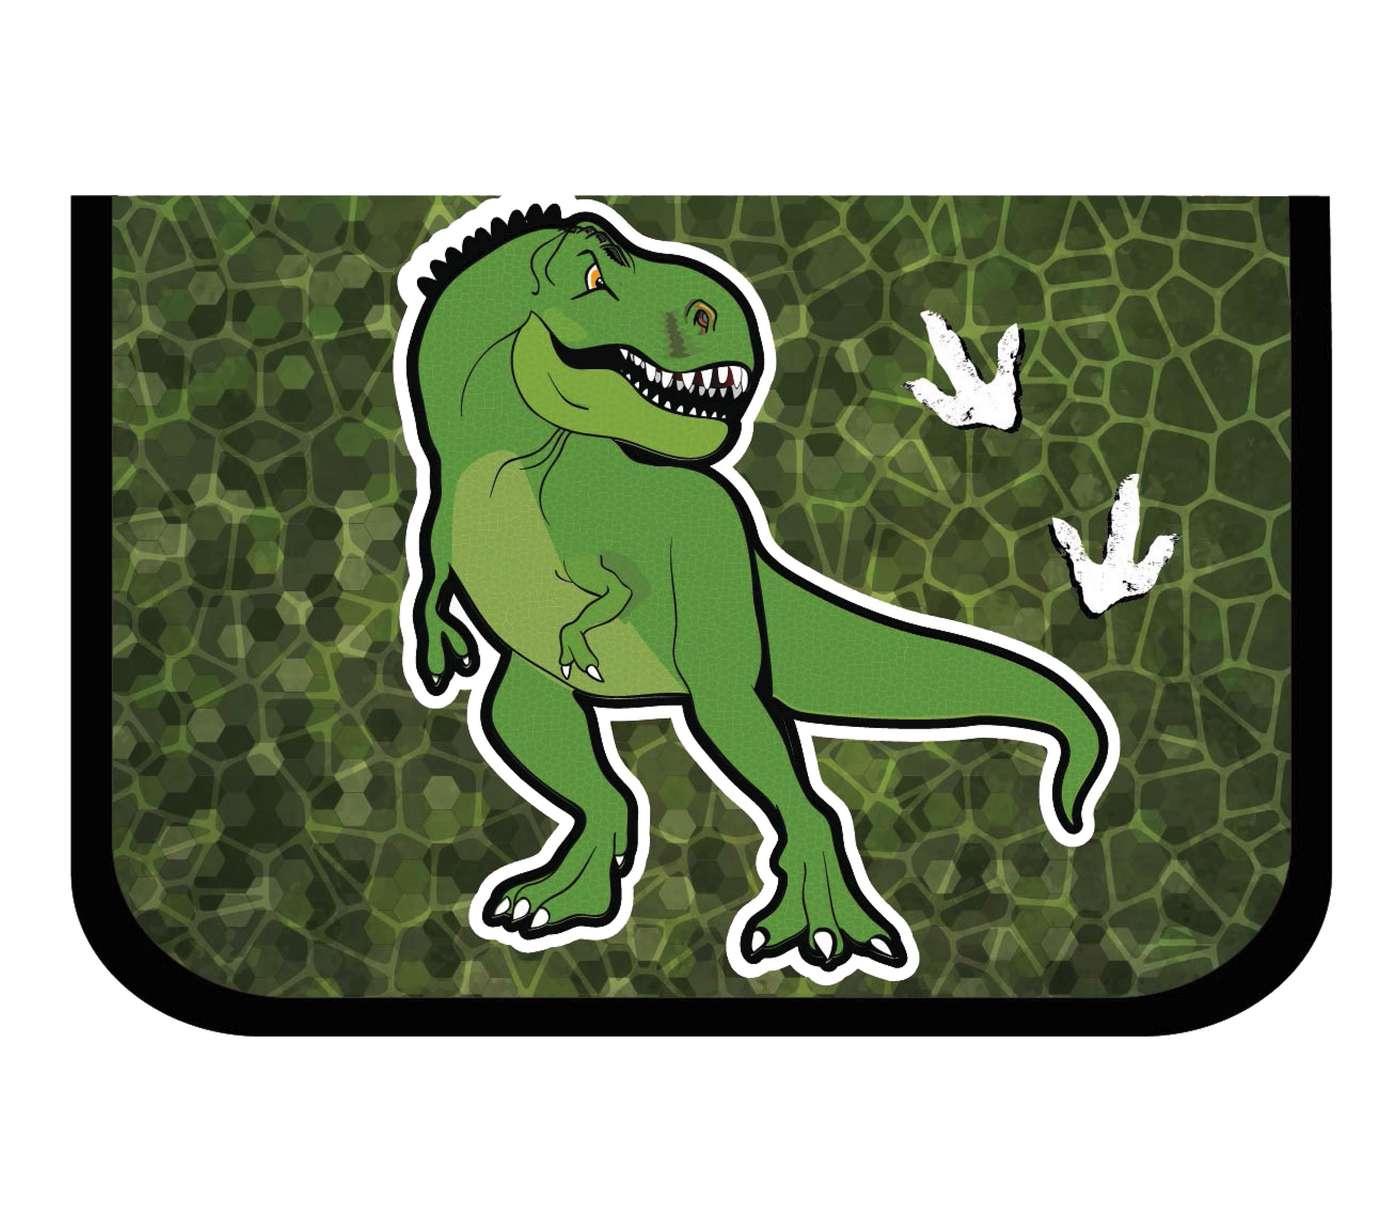 Ранец Mike Mar Динозавр 1074-ММ-150 + мешок для обуви + пенал в подарок, - фото 9